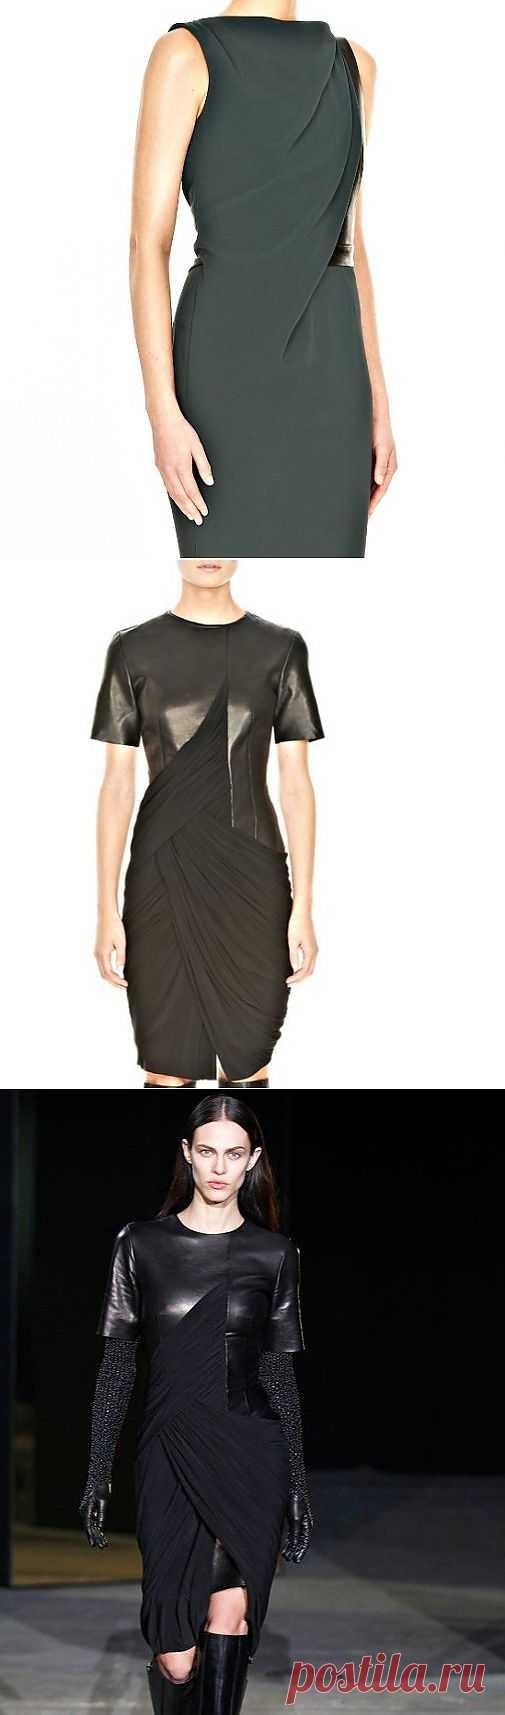 Alexander Wang - детали из кожи / Дизайнеры / Модный сайт о стильной переделке одежды и интерьера